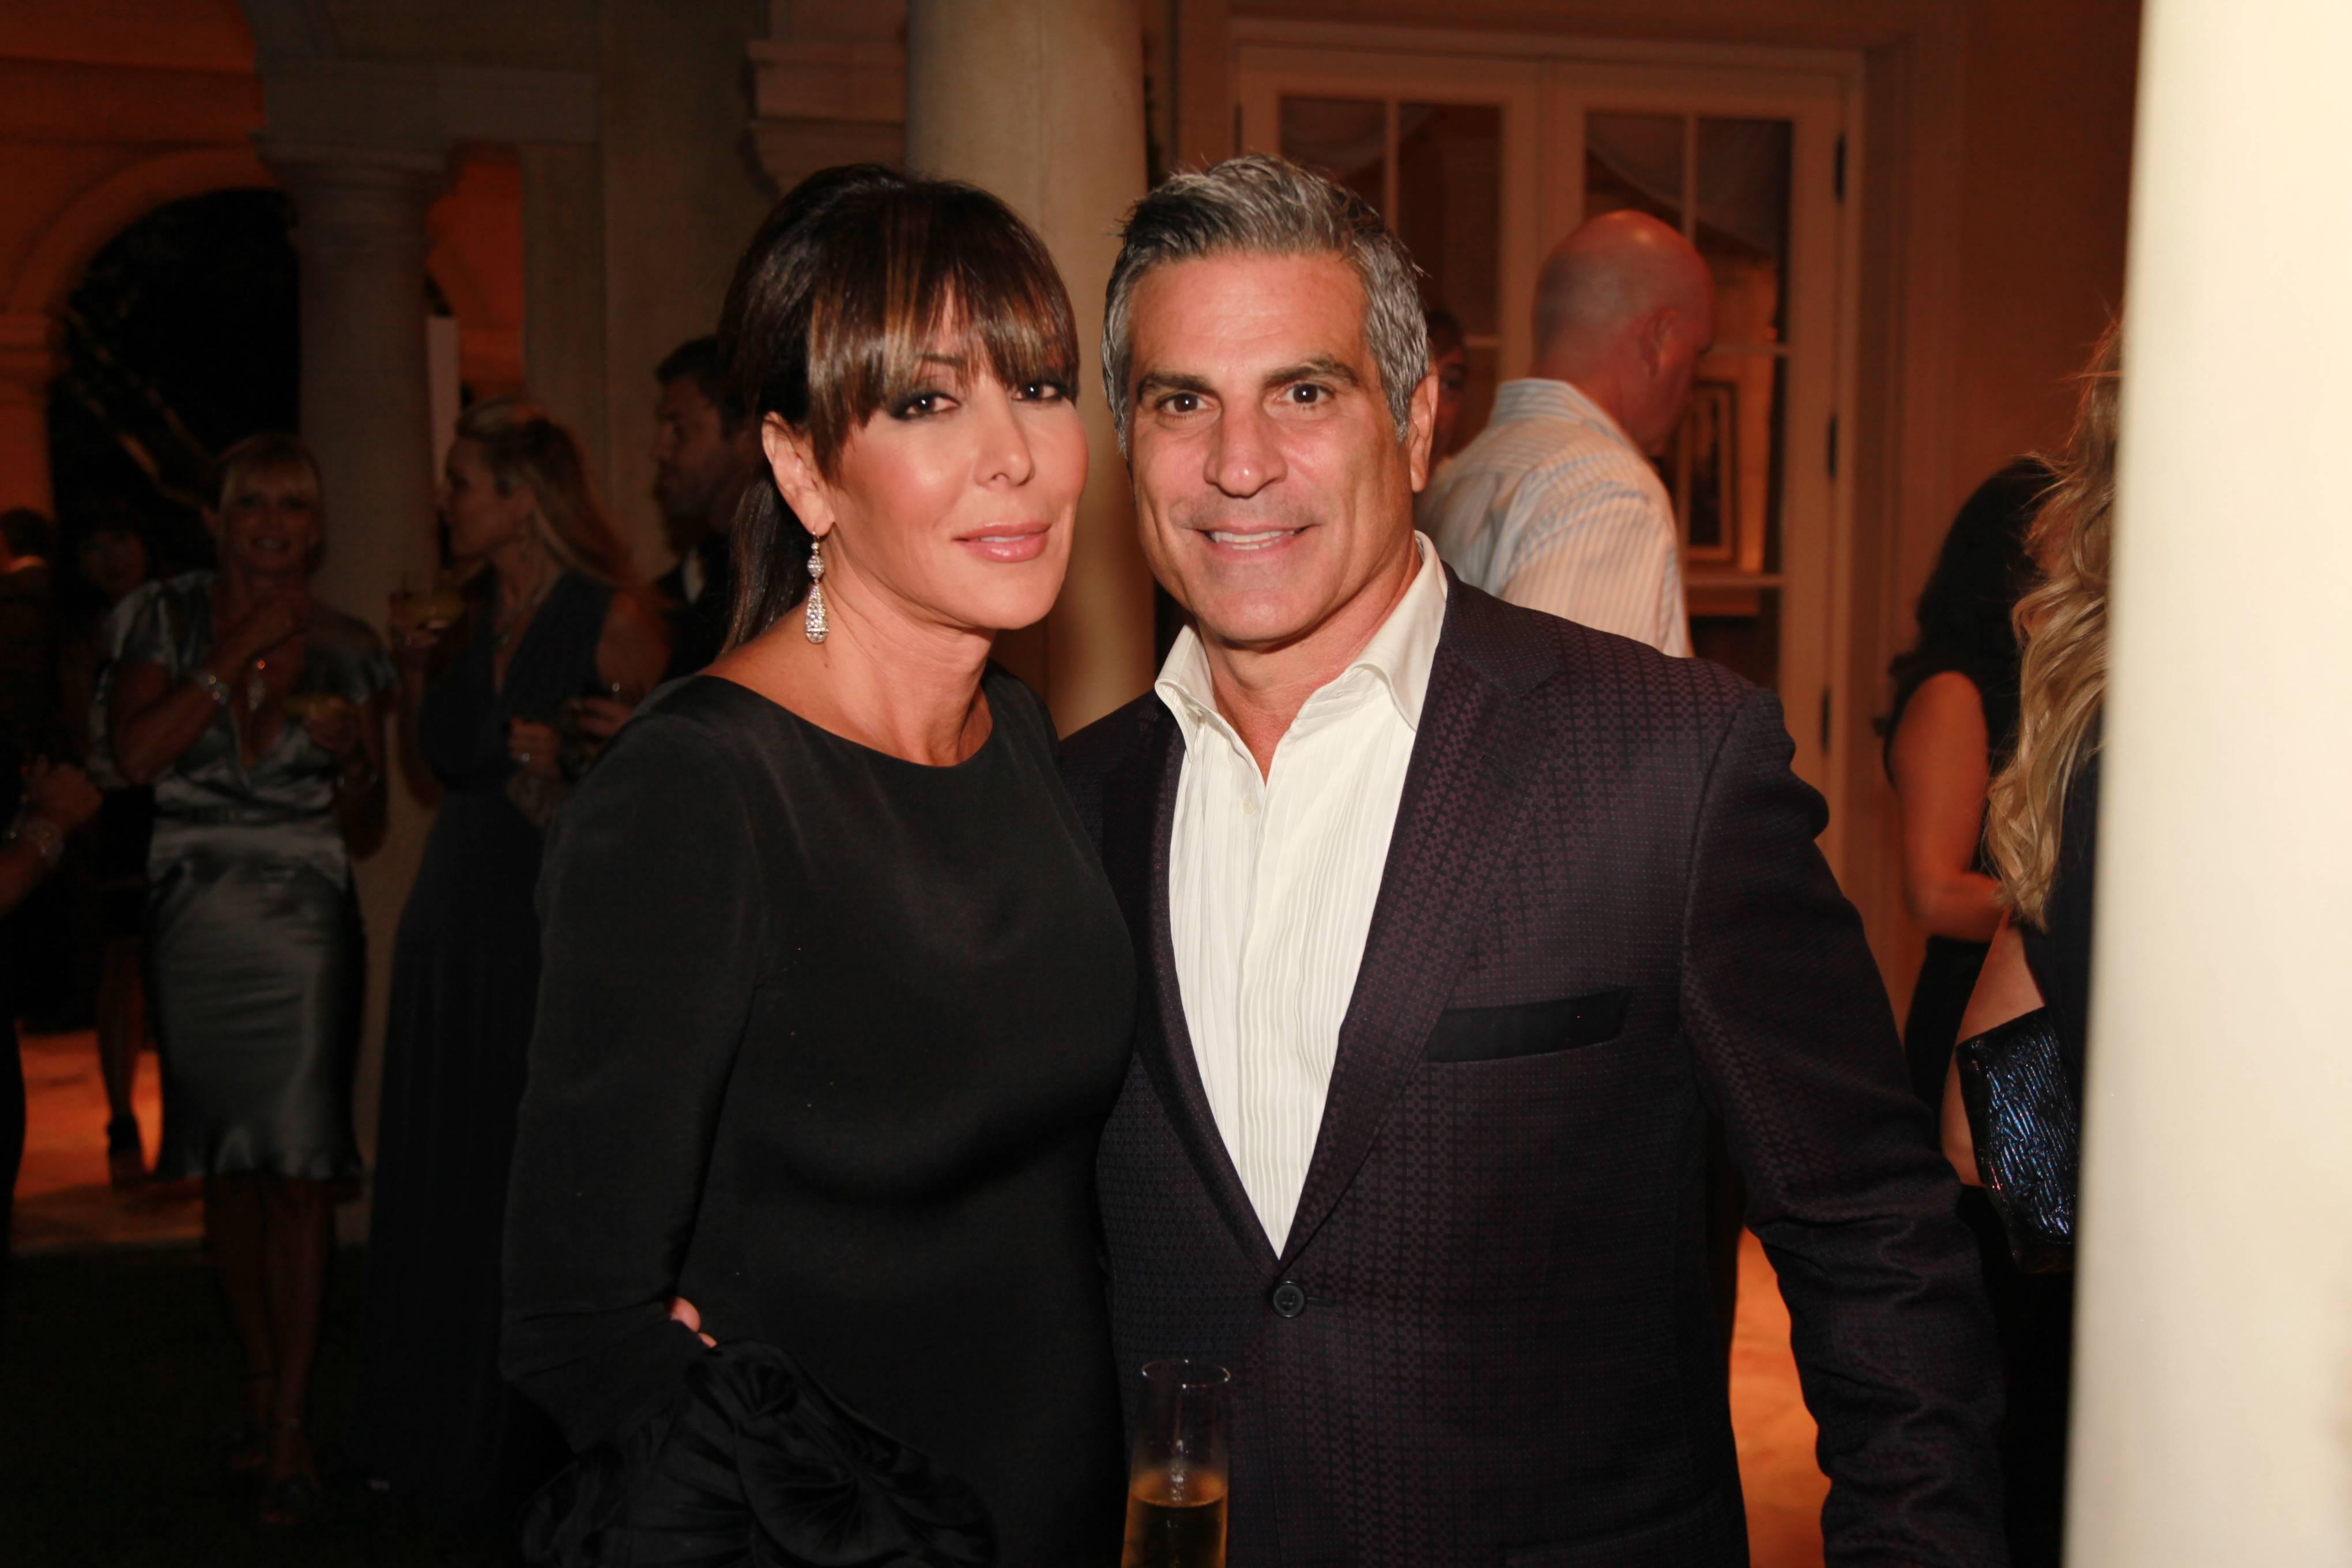 Nancy & Michael Bello